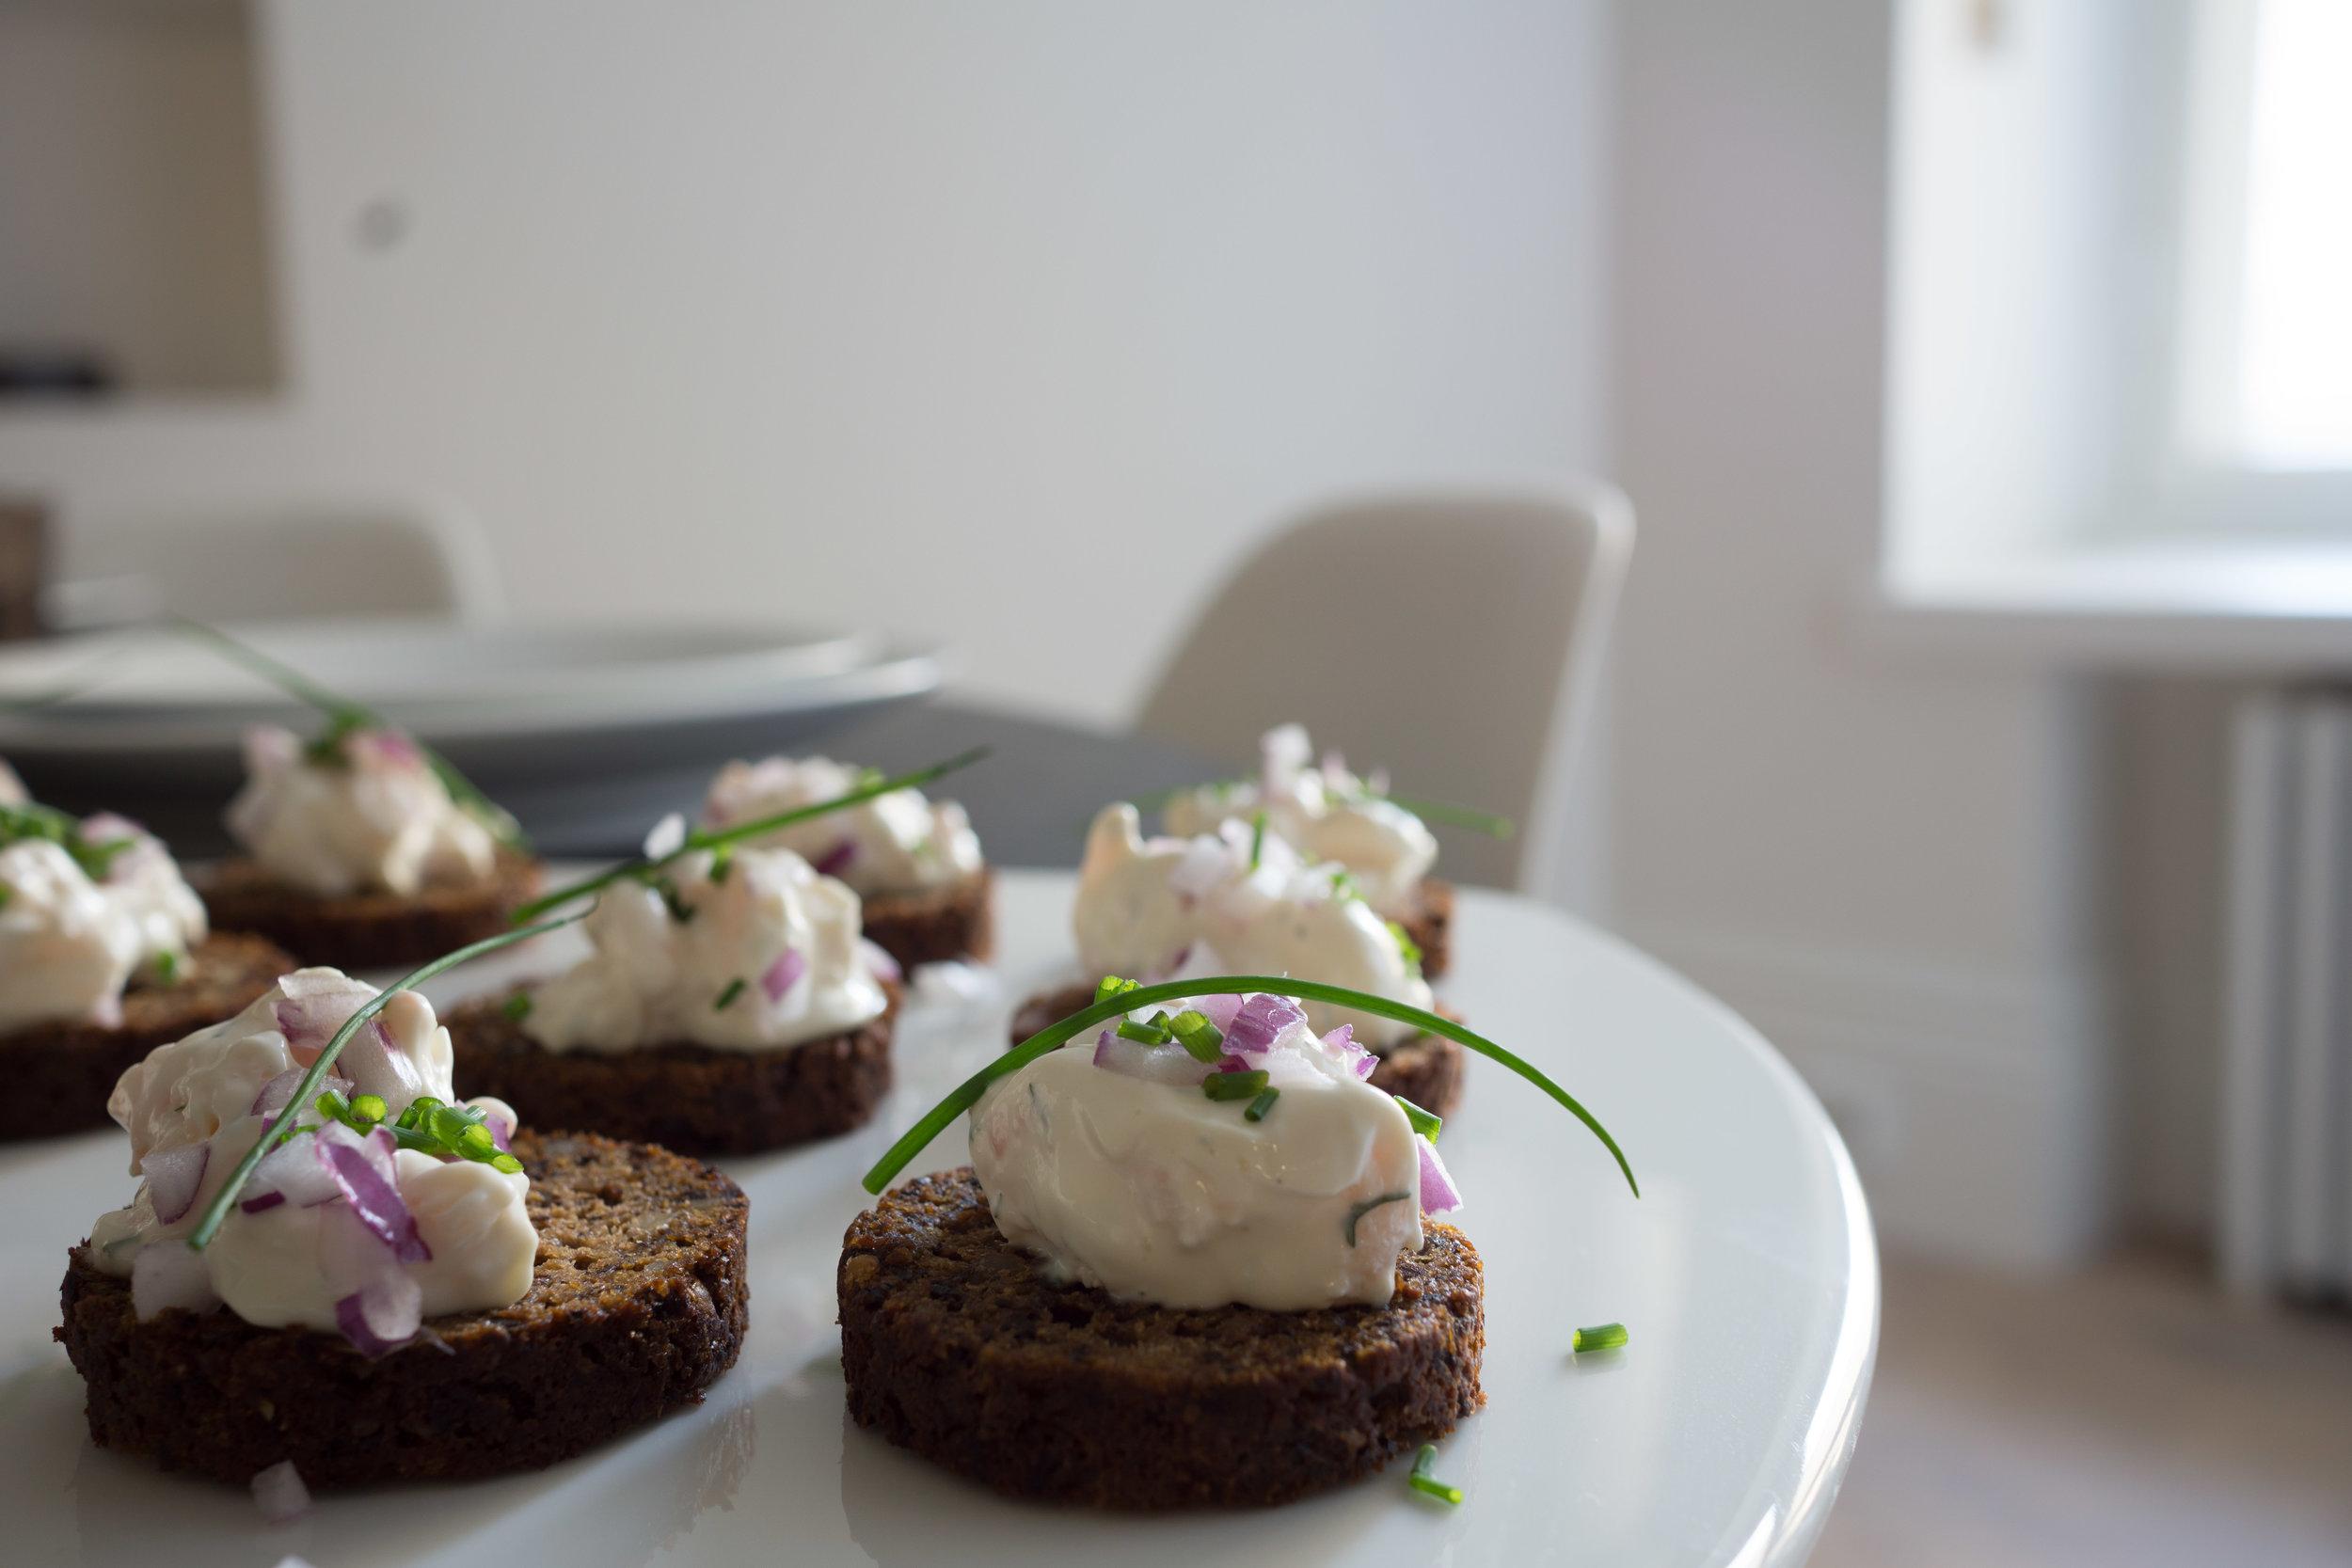 Takuuvarma alkupala: Rosalan pyöreää saaristolaisleipää (jota löytyy Stockmannin Herkusta) + Herkun tiskin skagenröra + punasipulikuutioita ja ruohosipulia. Jos haluaa näistä vielä Instagram-ystävällisemmät, voin päälle tiputtaa vähän mätiä.